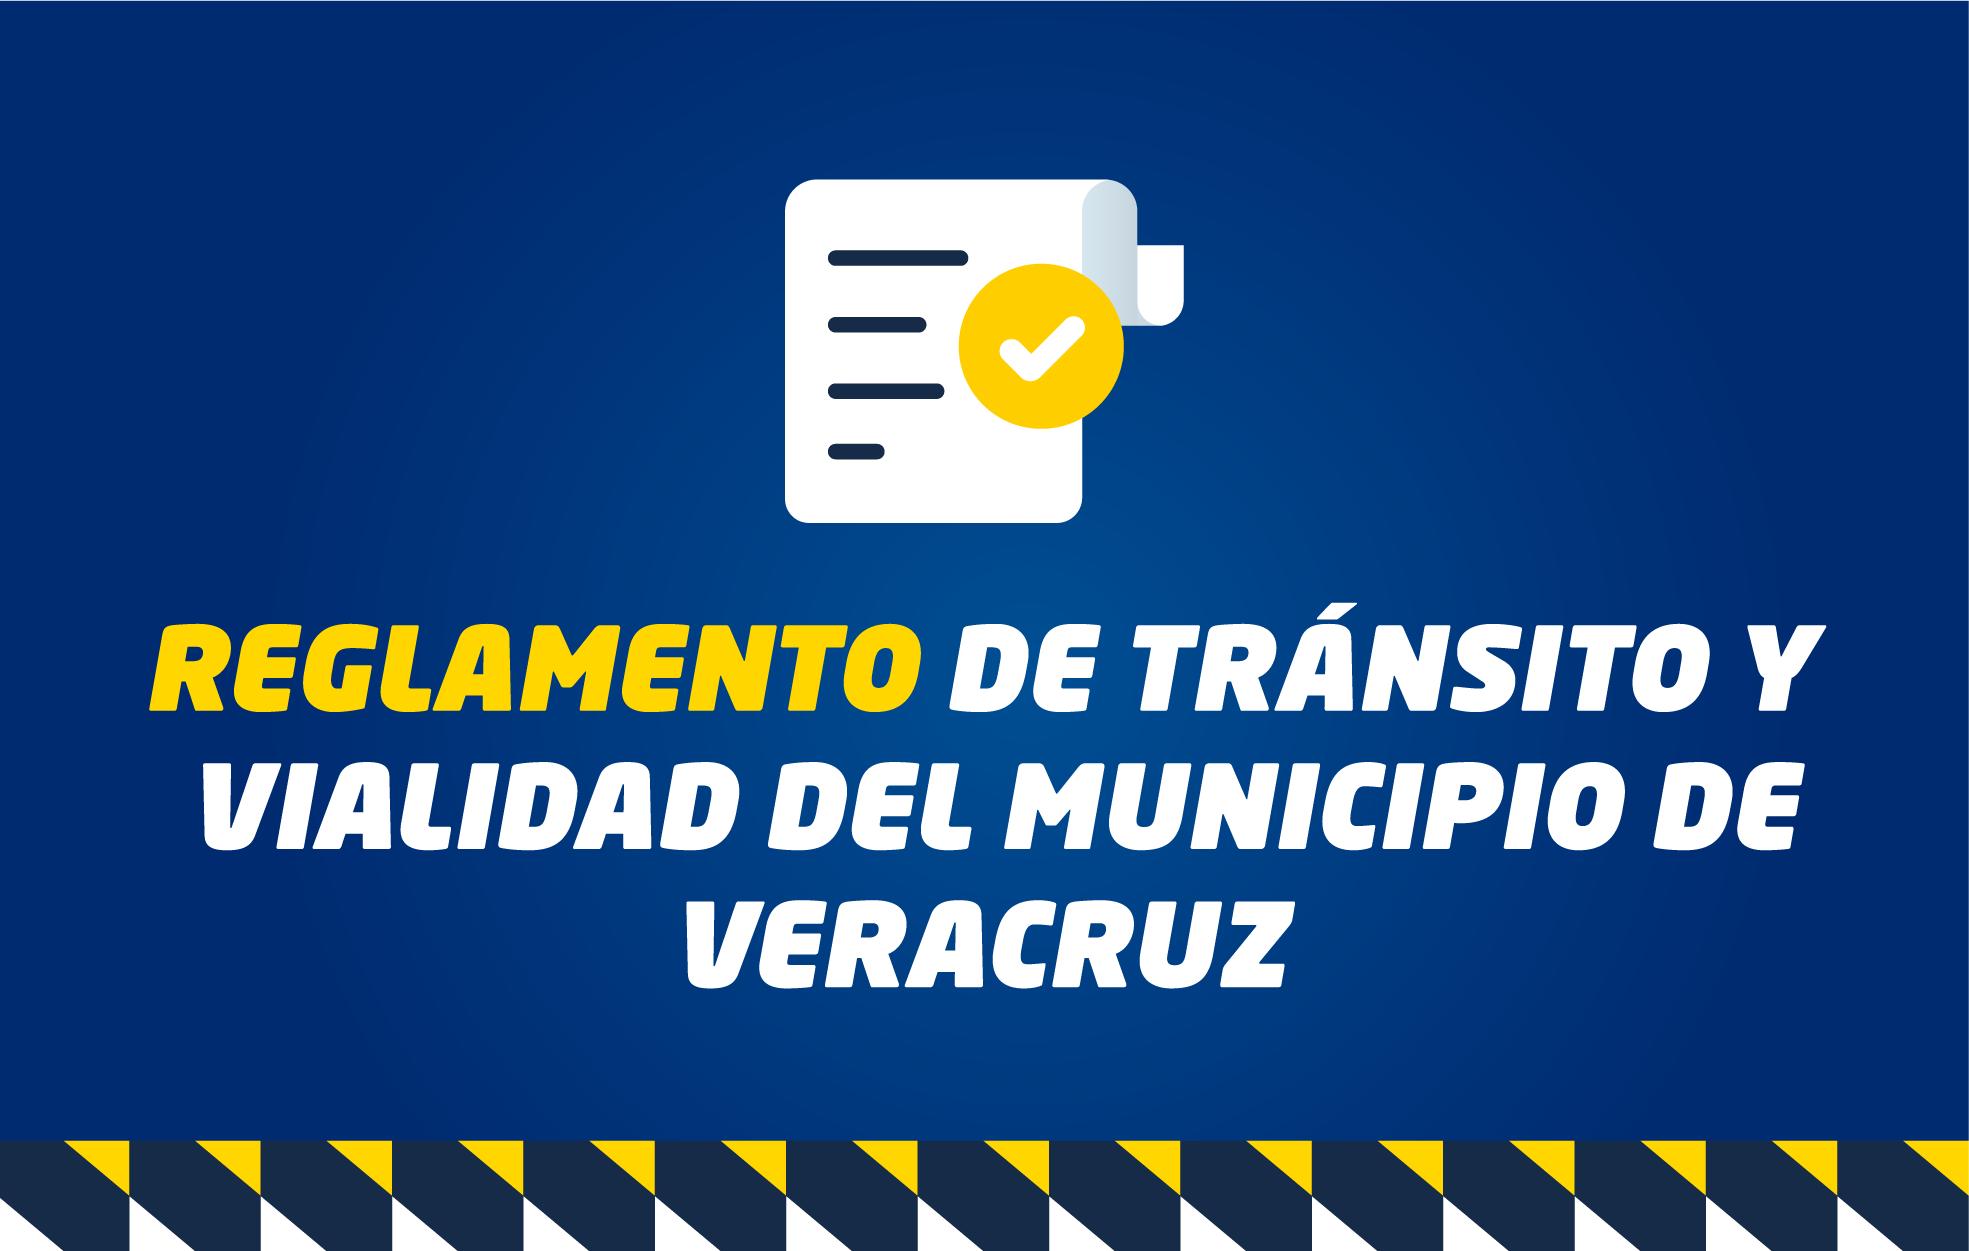 H Ayuntamiento De Veracruz Veracruz Te Quiero